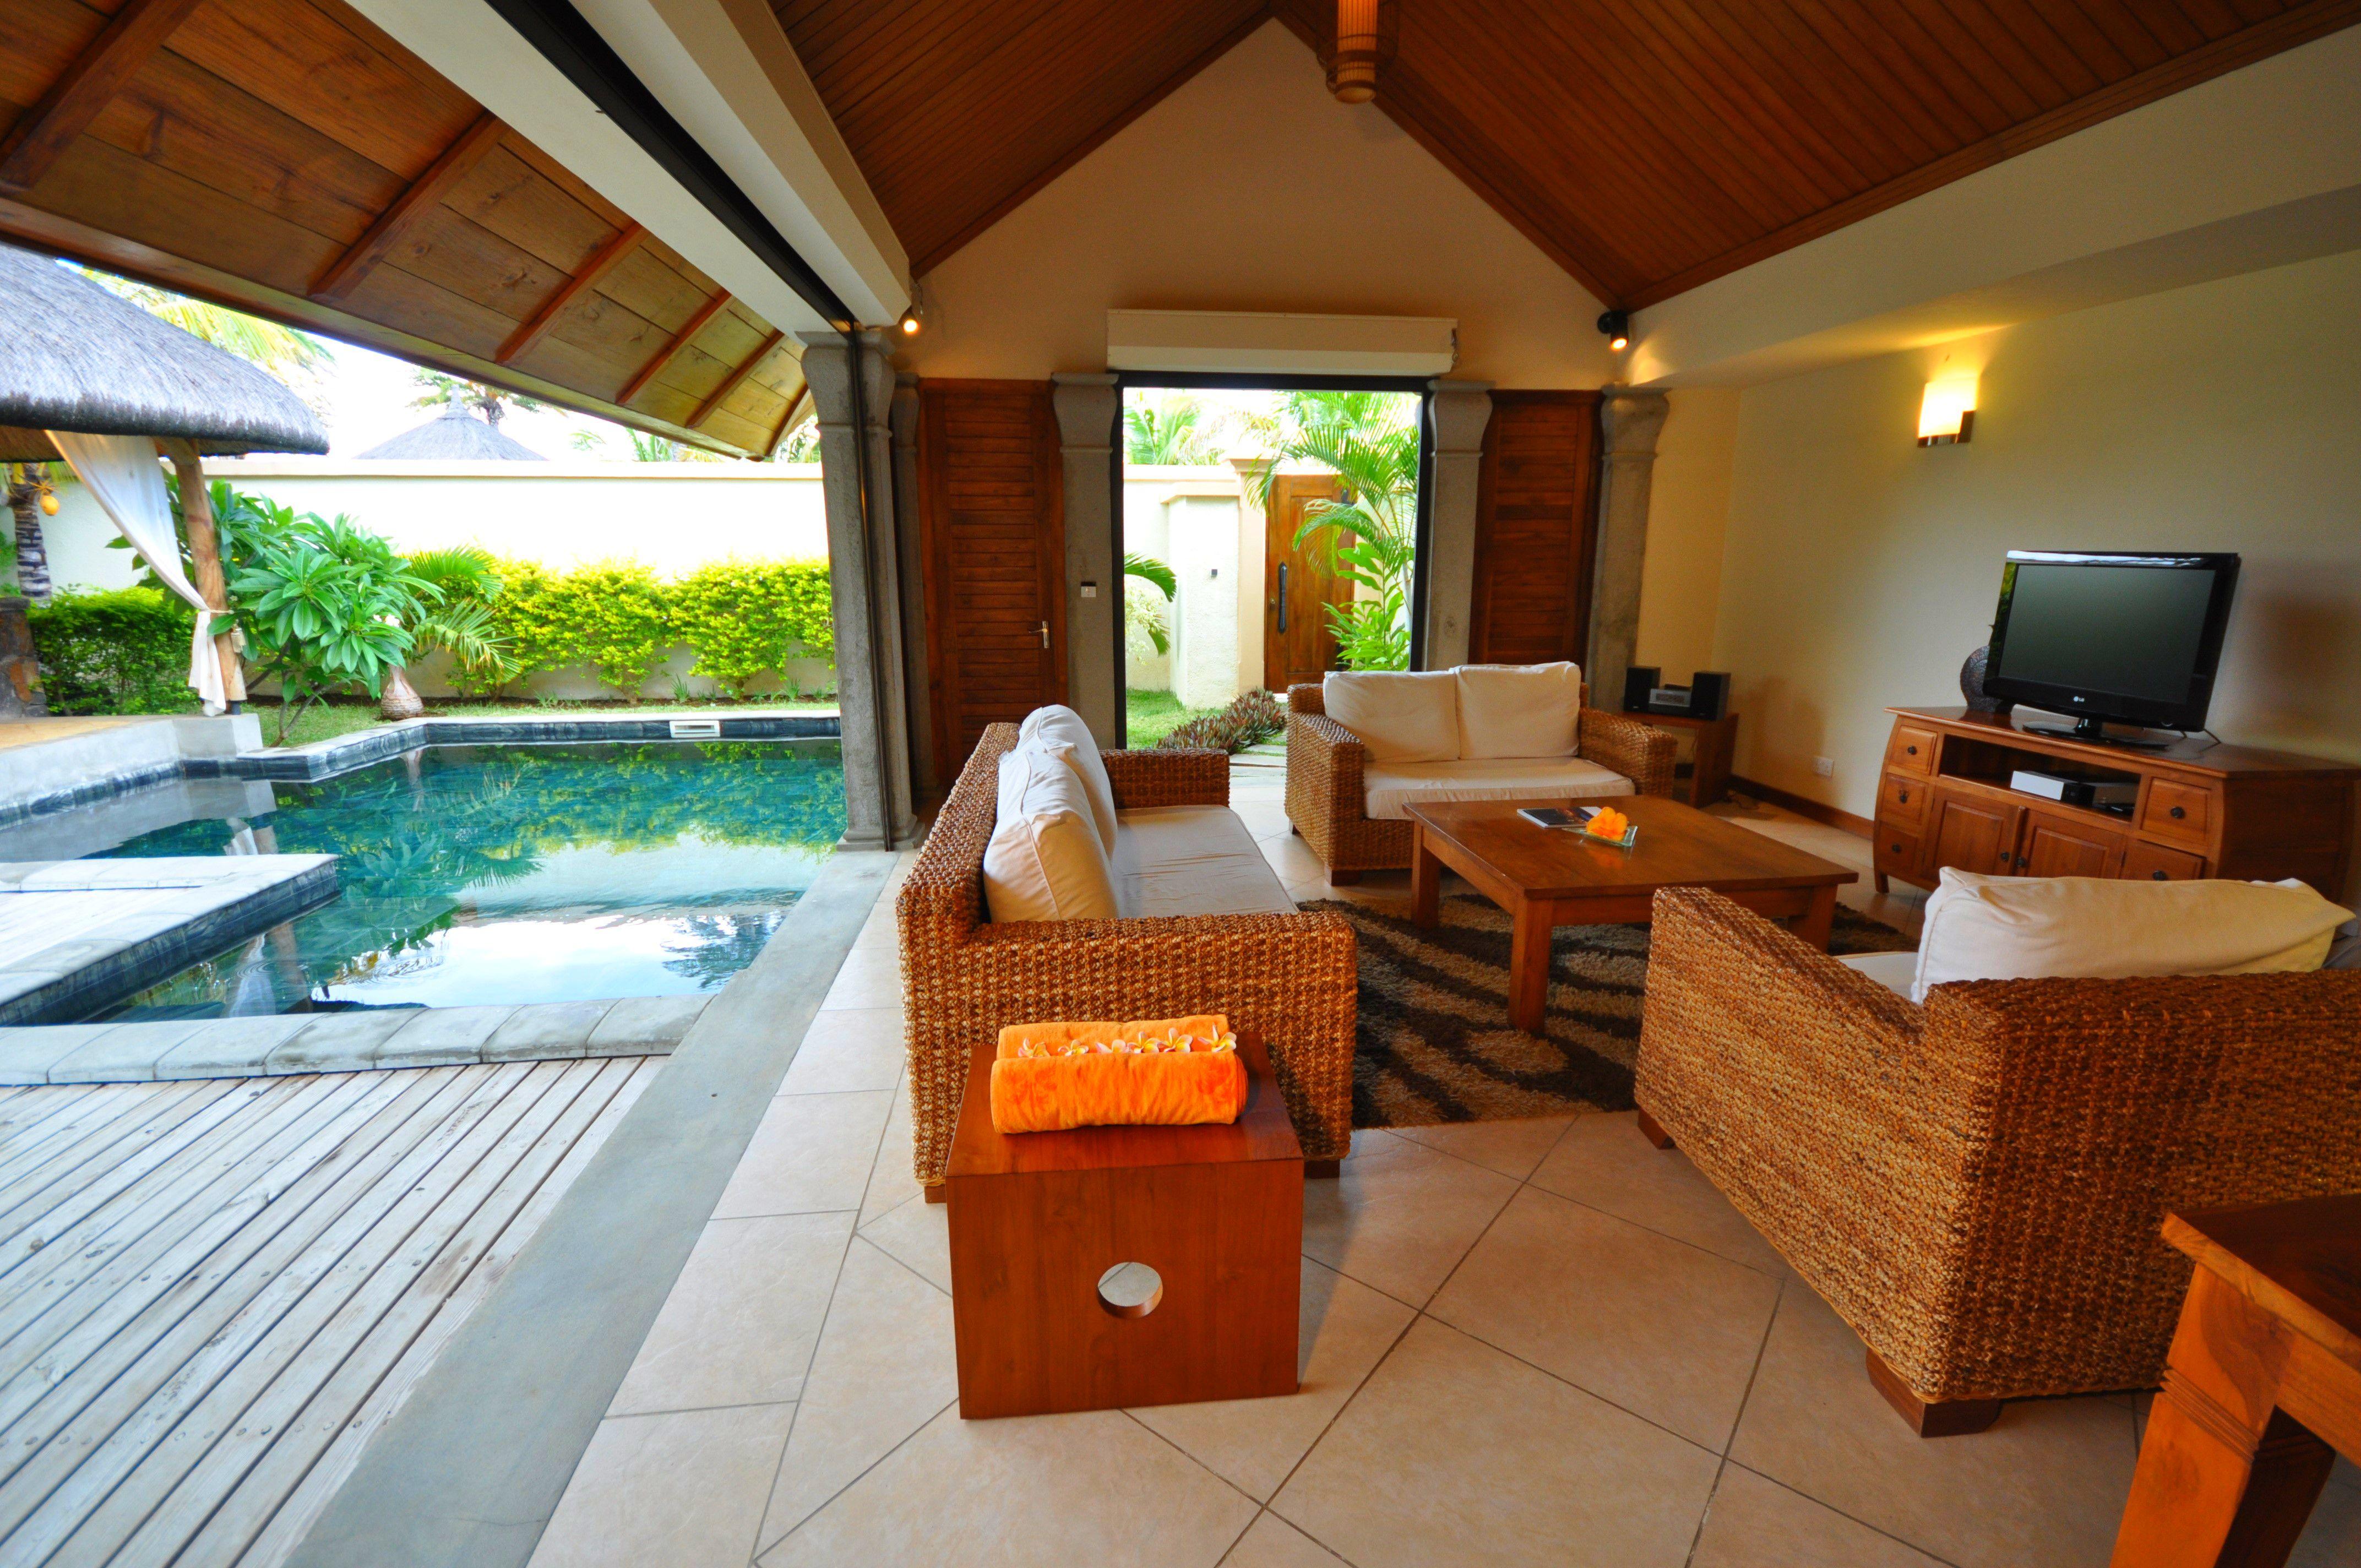 Location Villa Ile Maurice Proche De Grand Baie 224 15